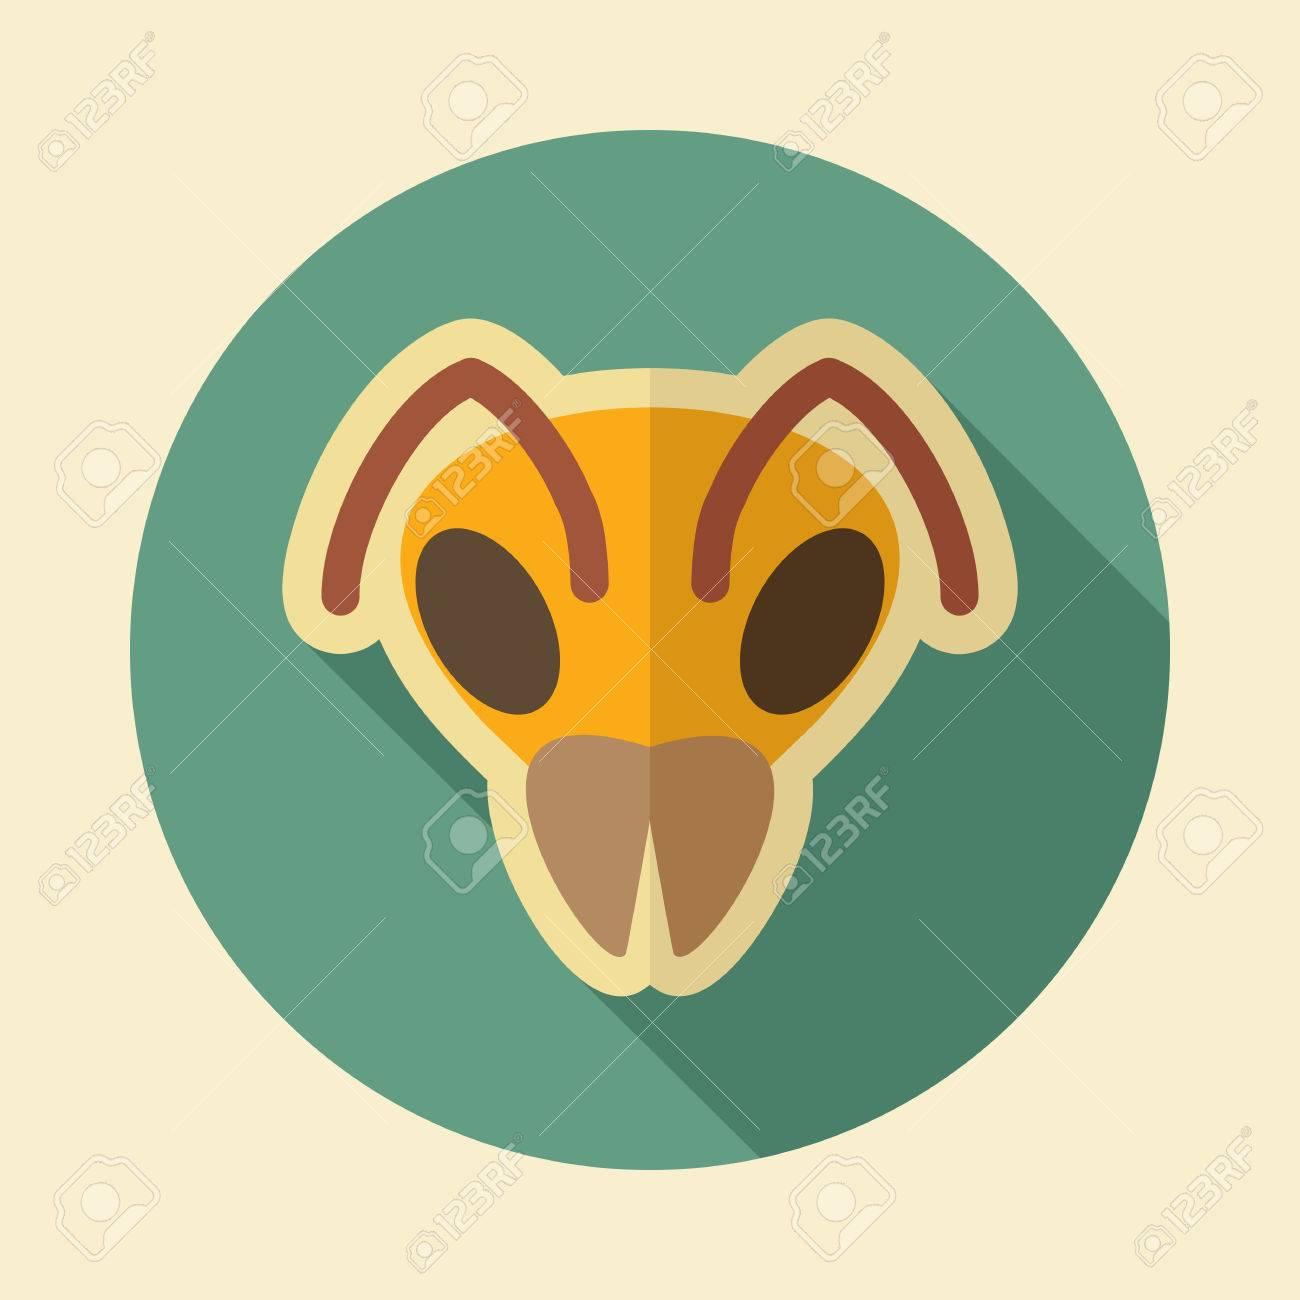 Bee wasp bumblebee flat icon animal head vector symbol eps 10 animal head vector symbol eps 10 stock vector 72562186 biocorpaavc